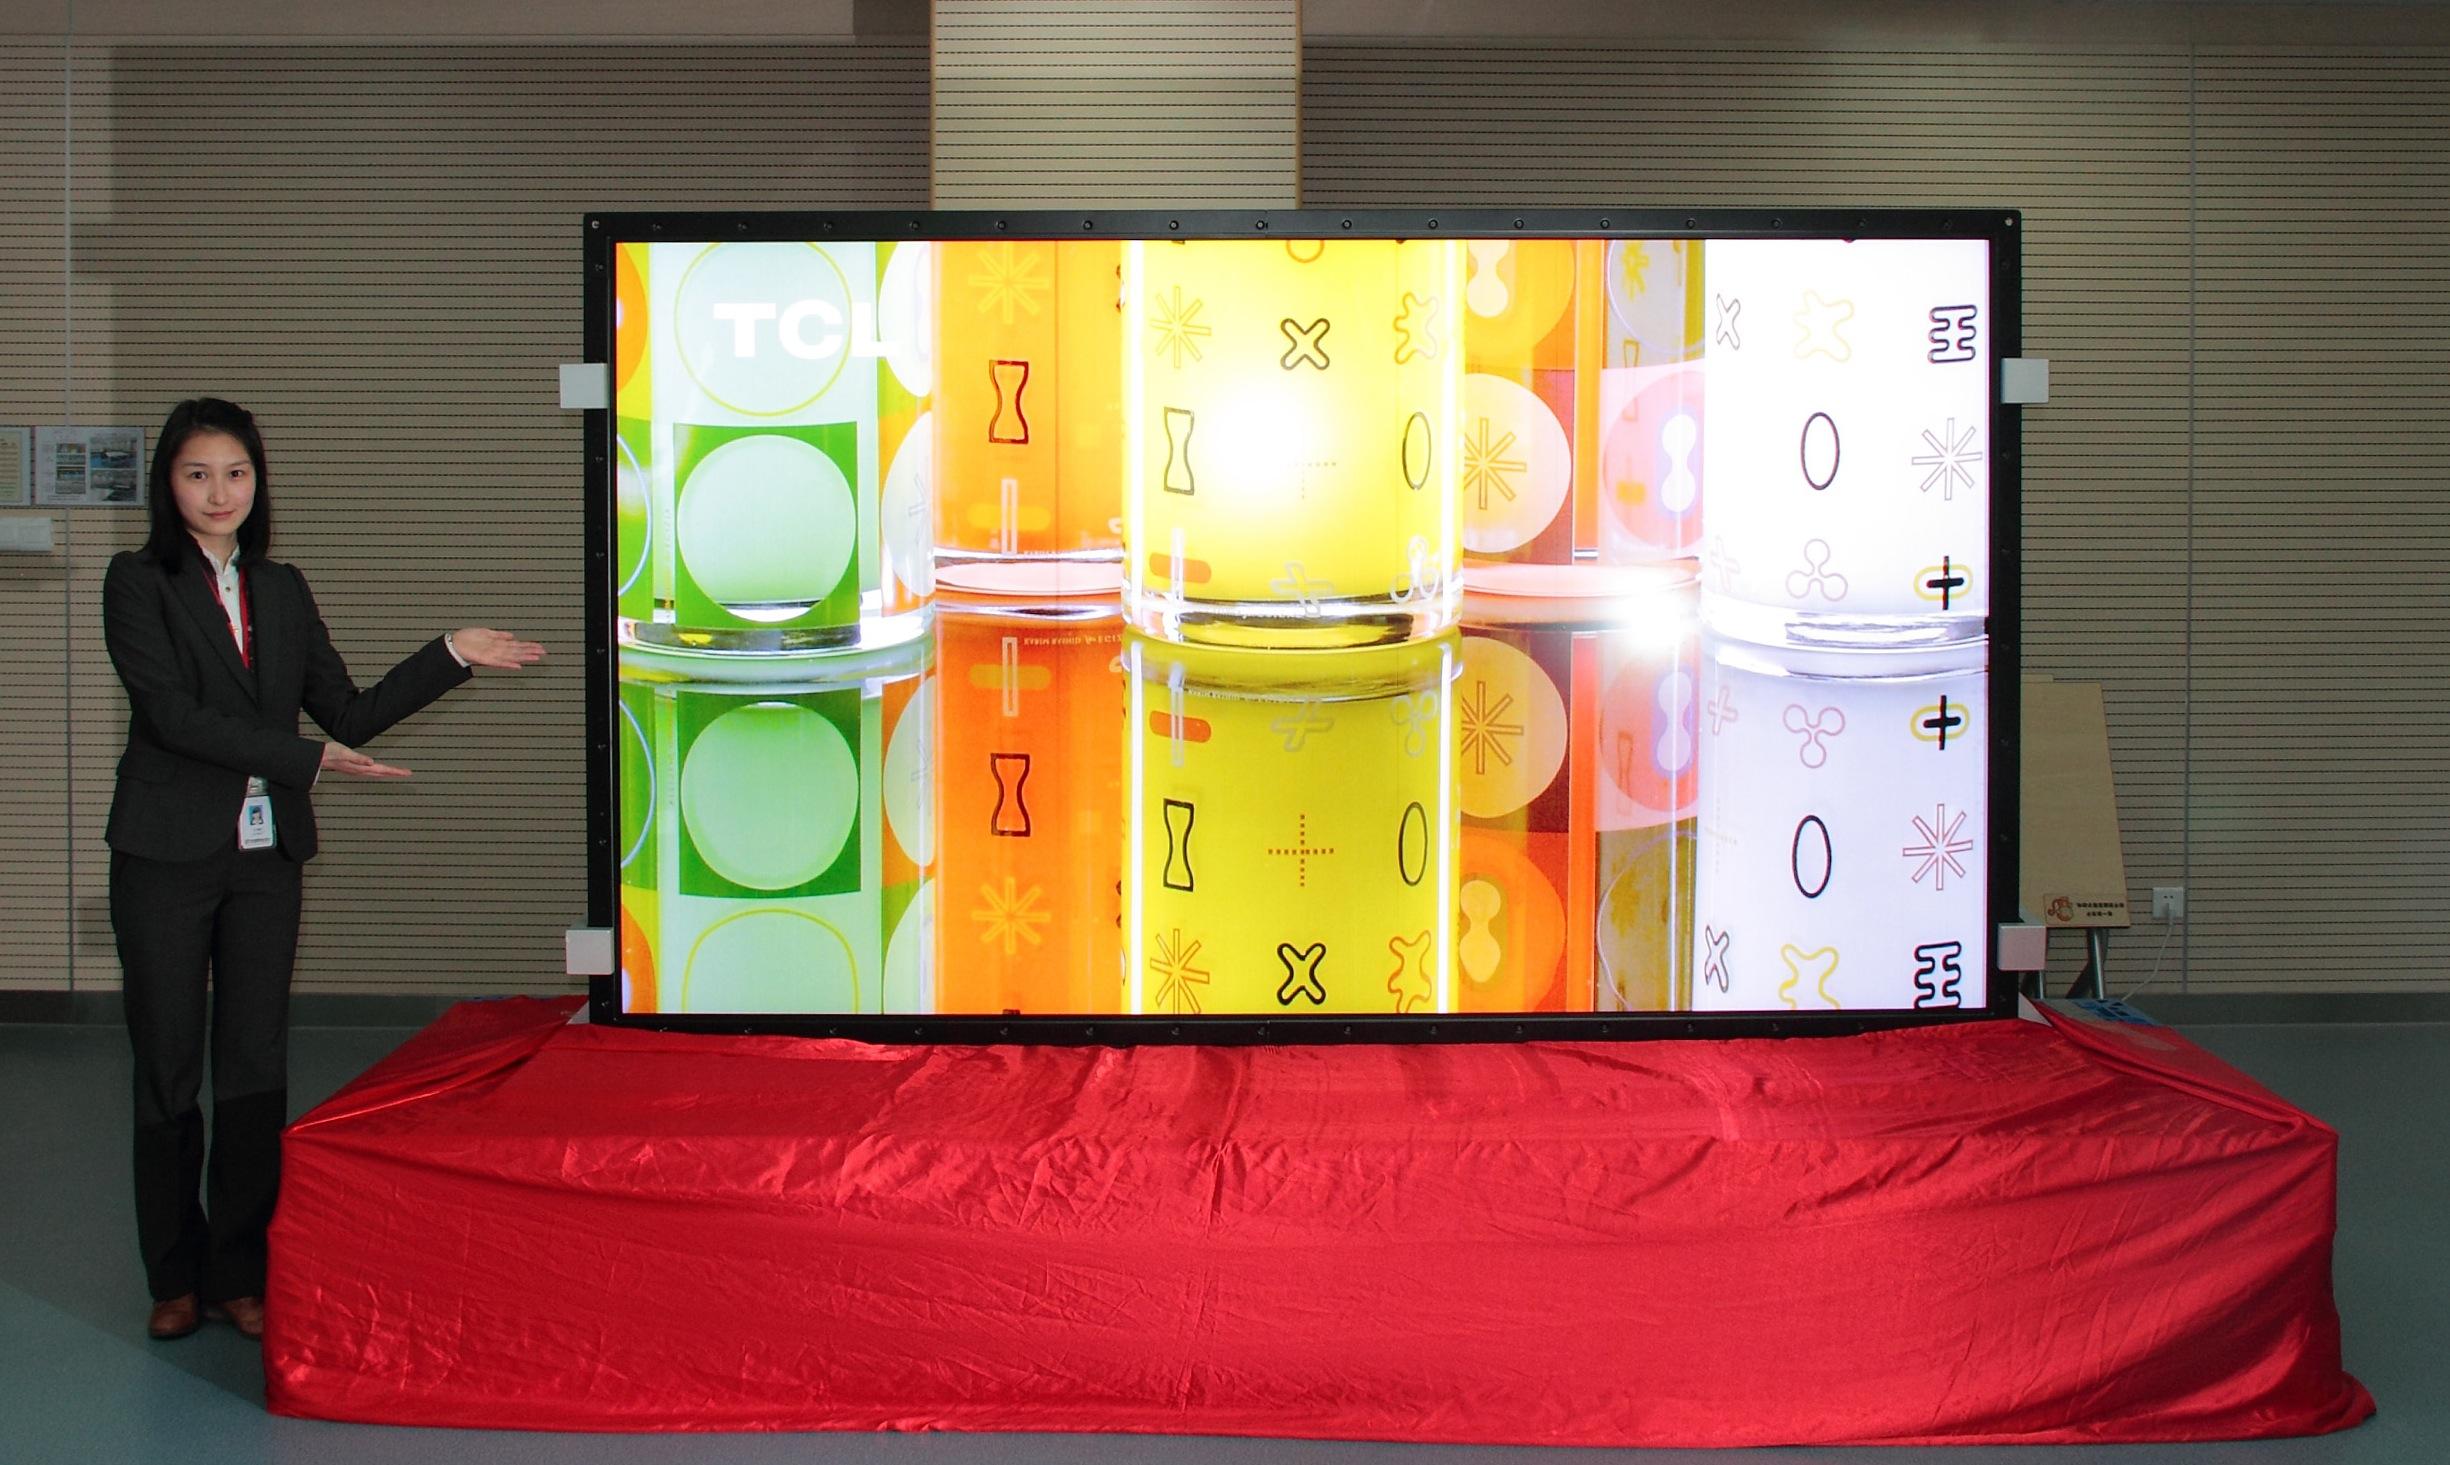 Westinghouse Digital ne tenteaza cu un televizor 4K de 110 inci